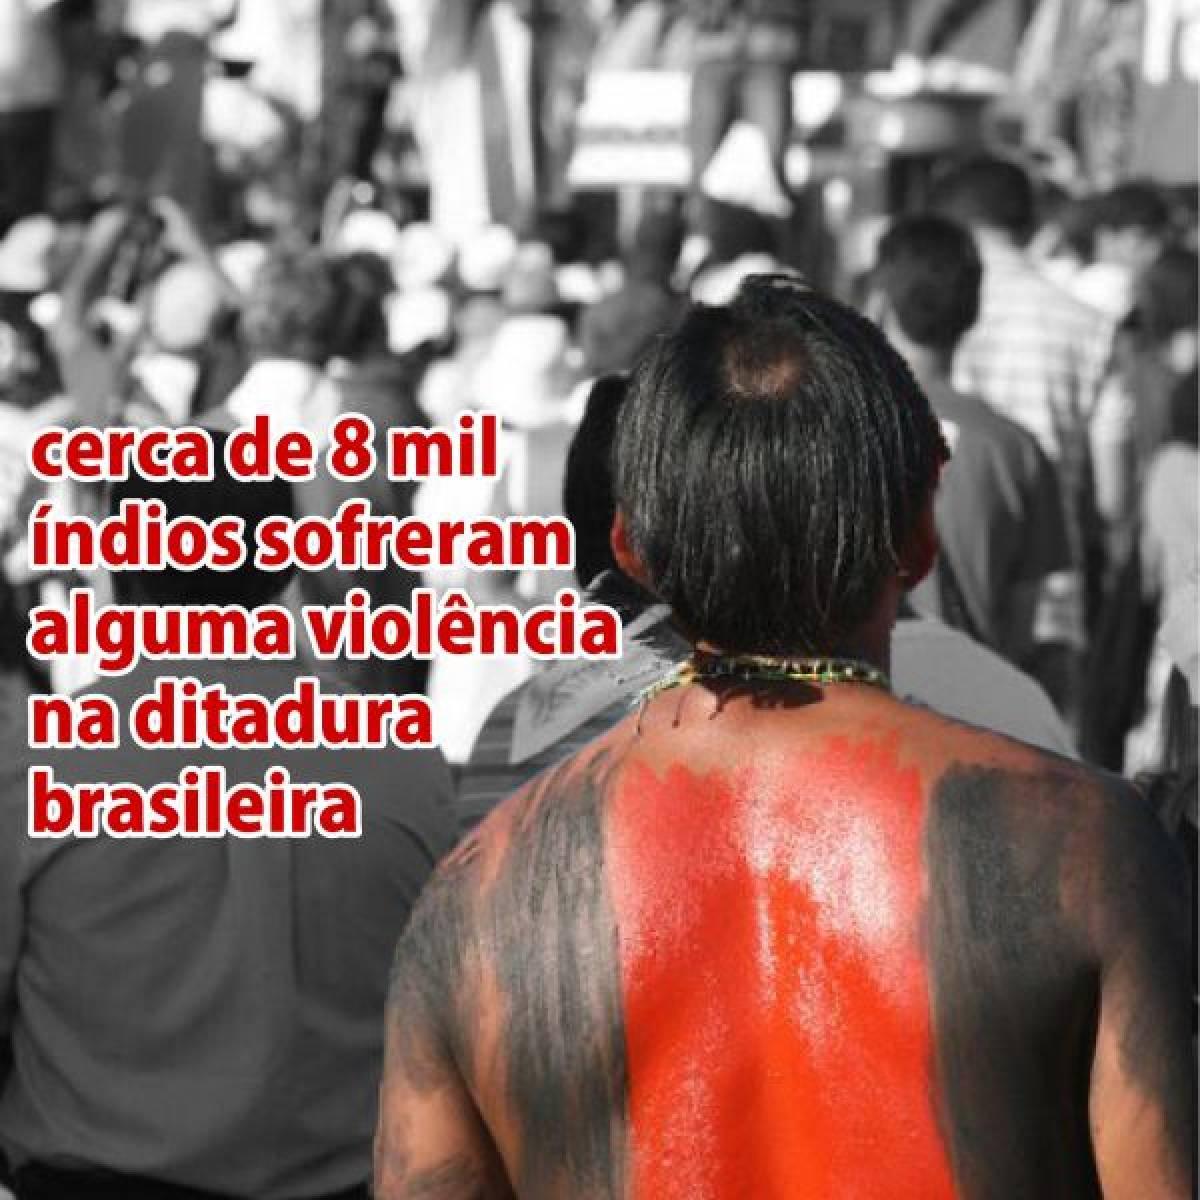 Relatório da CNV terá recomendações sobre questão indígena